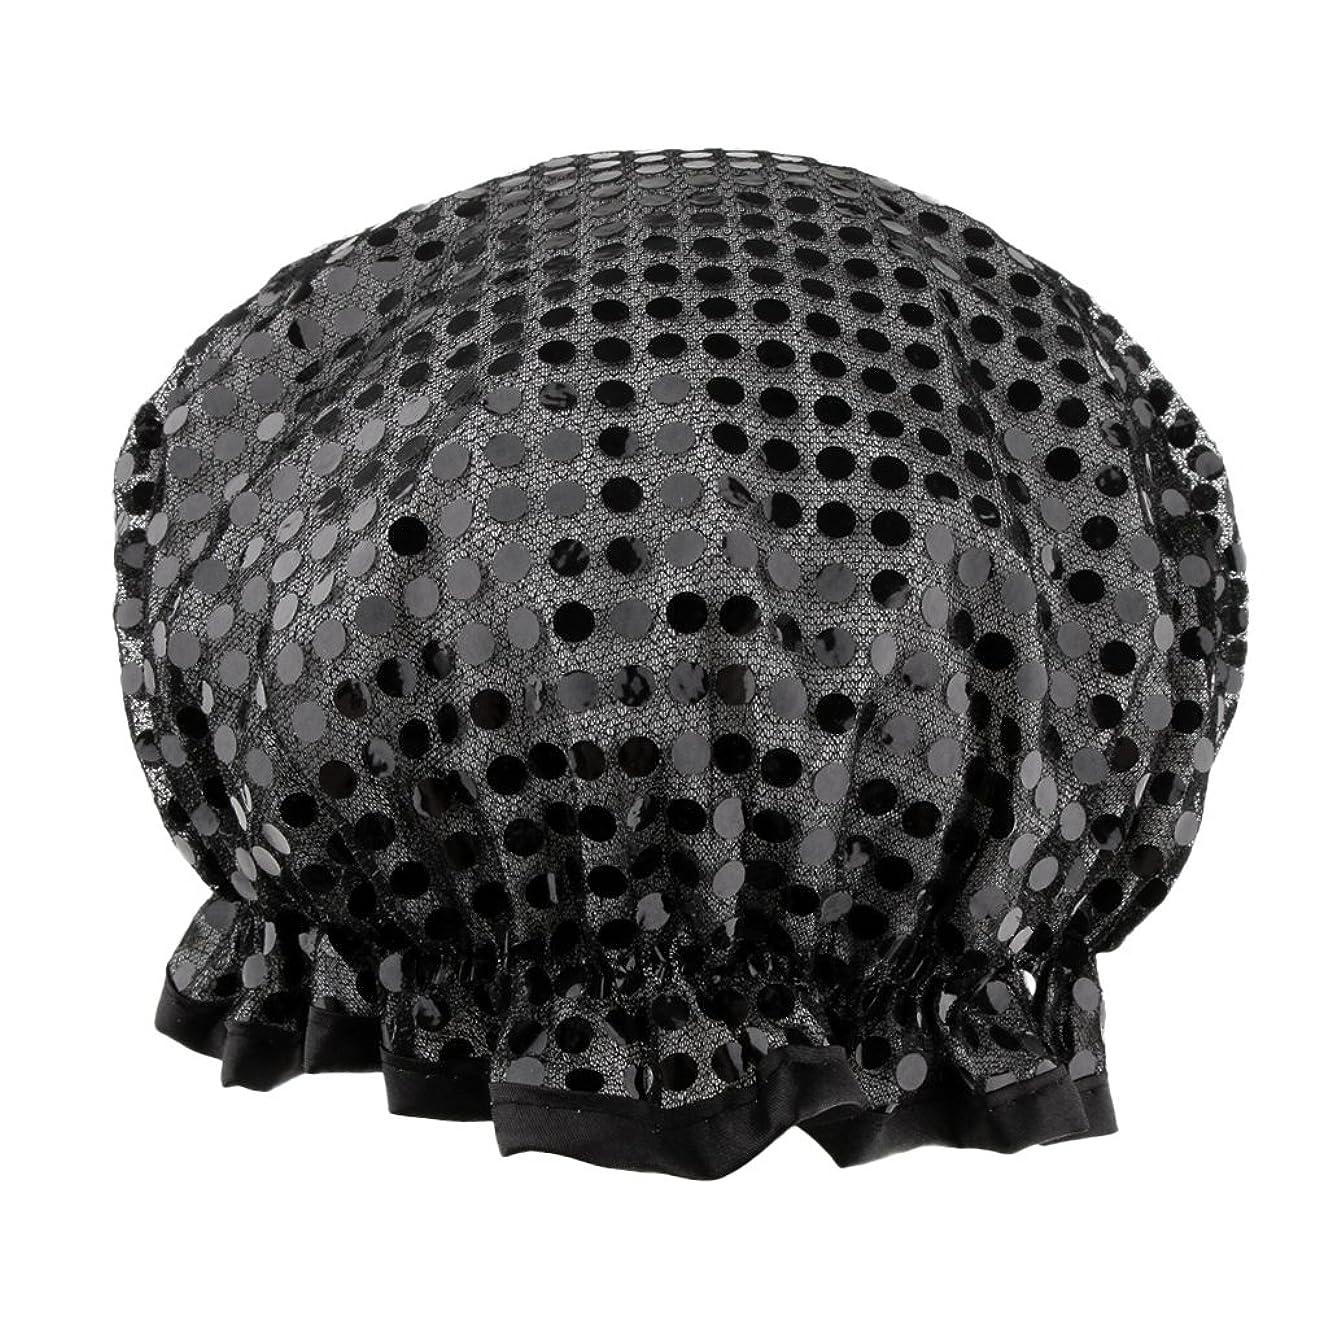 中性反射債務者Toygogo バスキャップ 入浴帽子 シャワーキャップ 防水 温泉 サロン SPA 3色選べる - ブラック